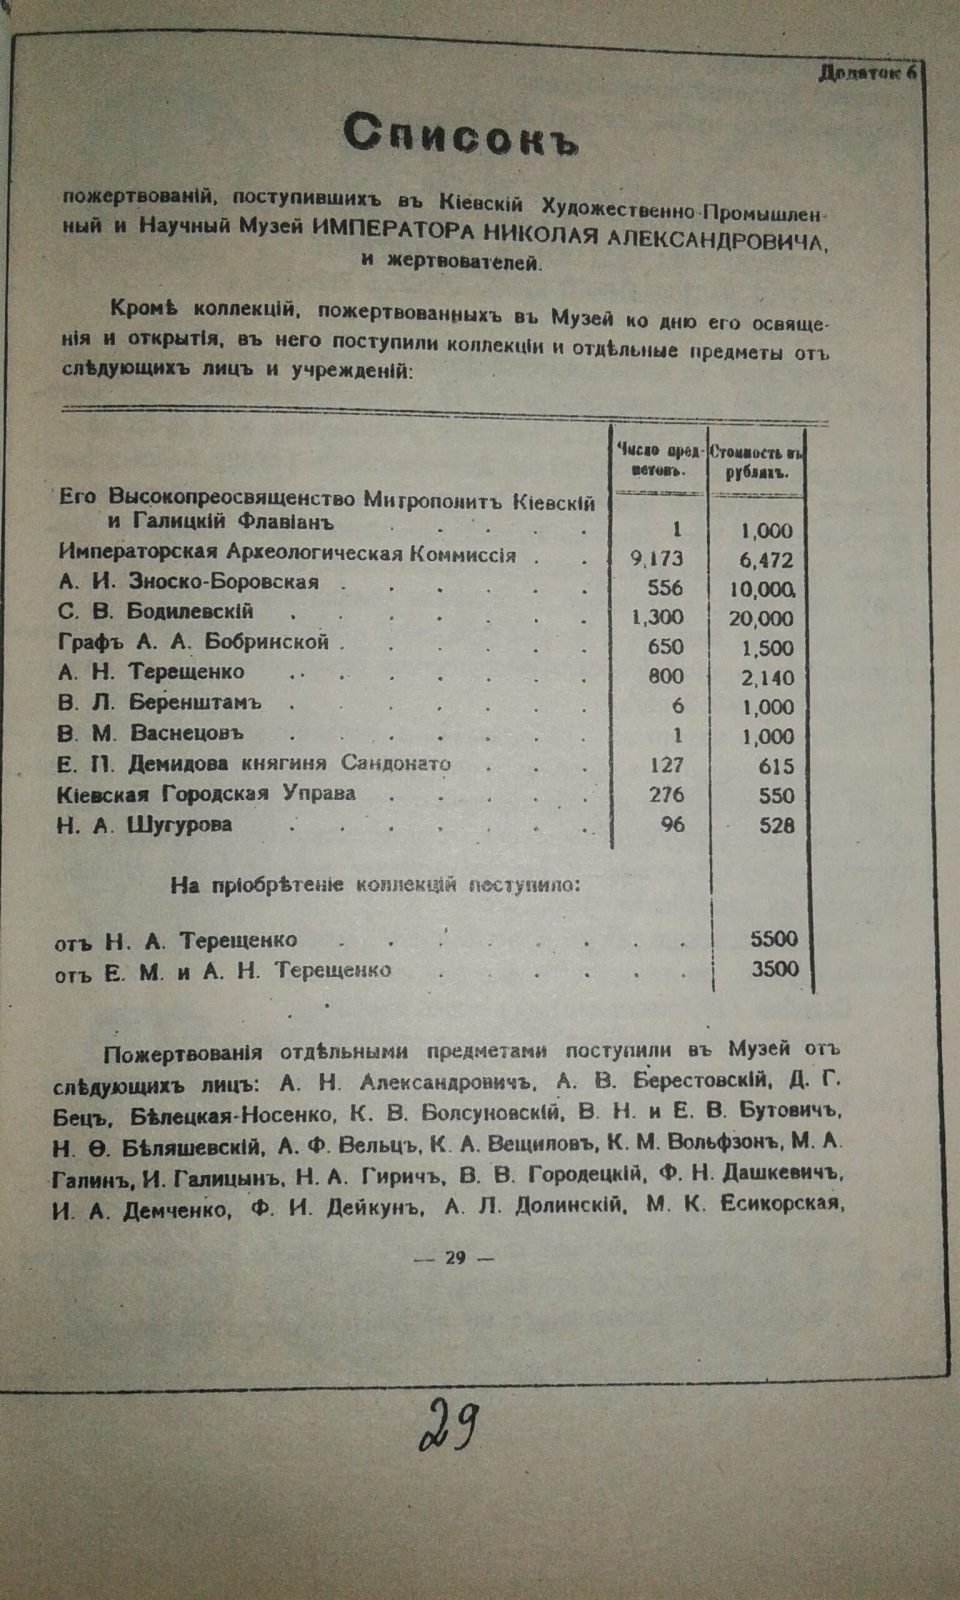 Засновники історичного музею в Києві (пожертви 1898 та 1904 рр.)